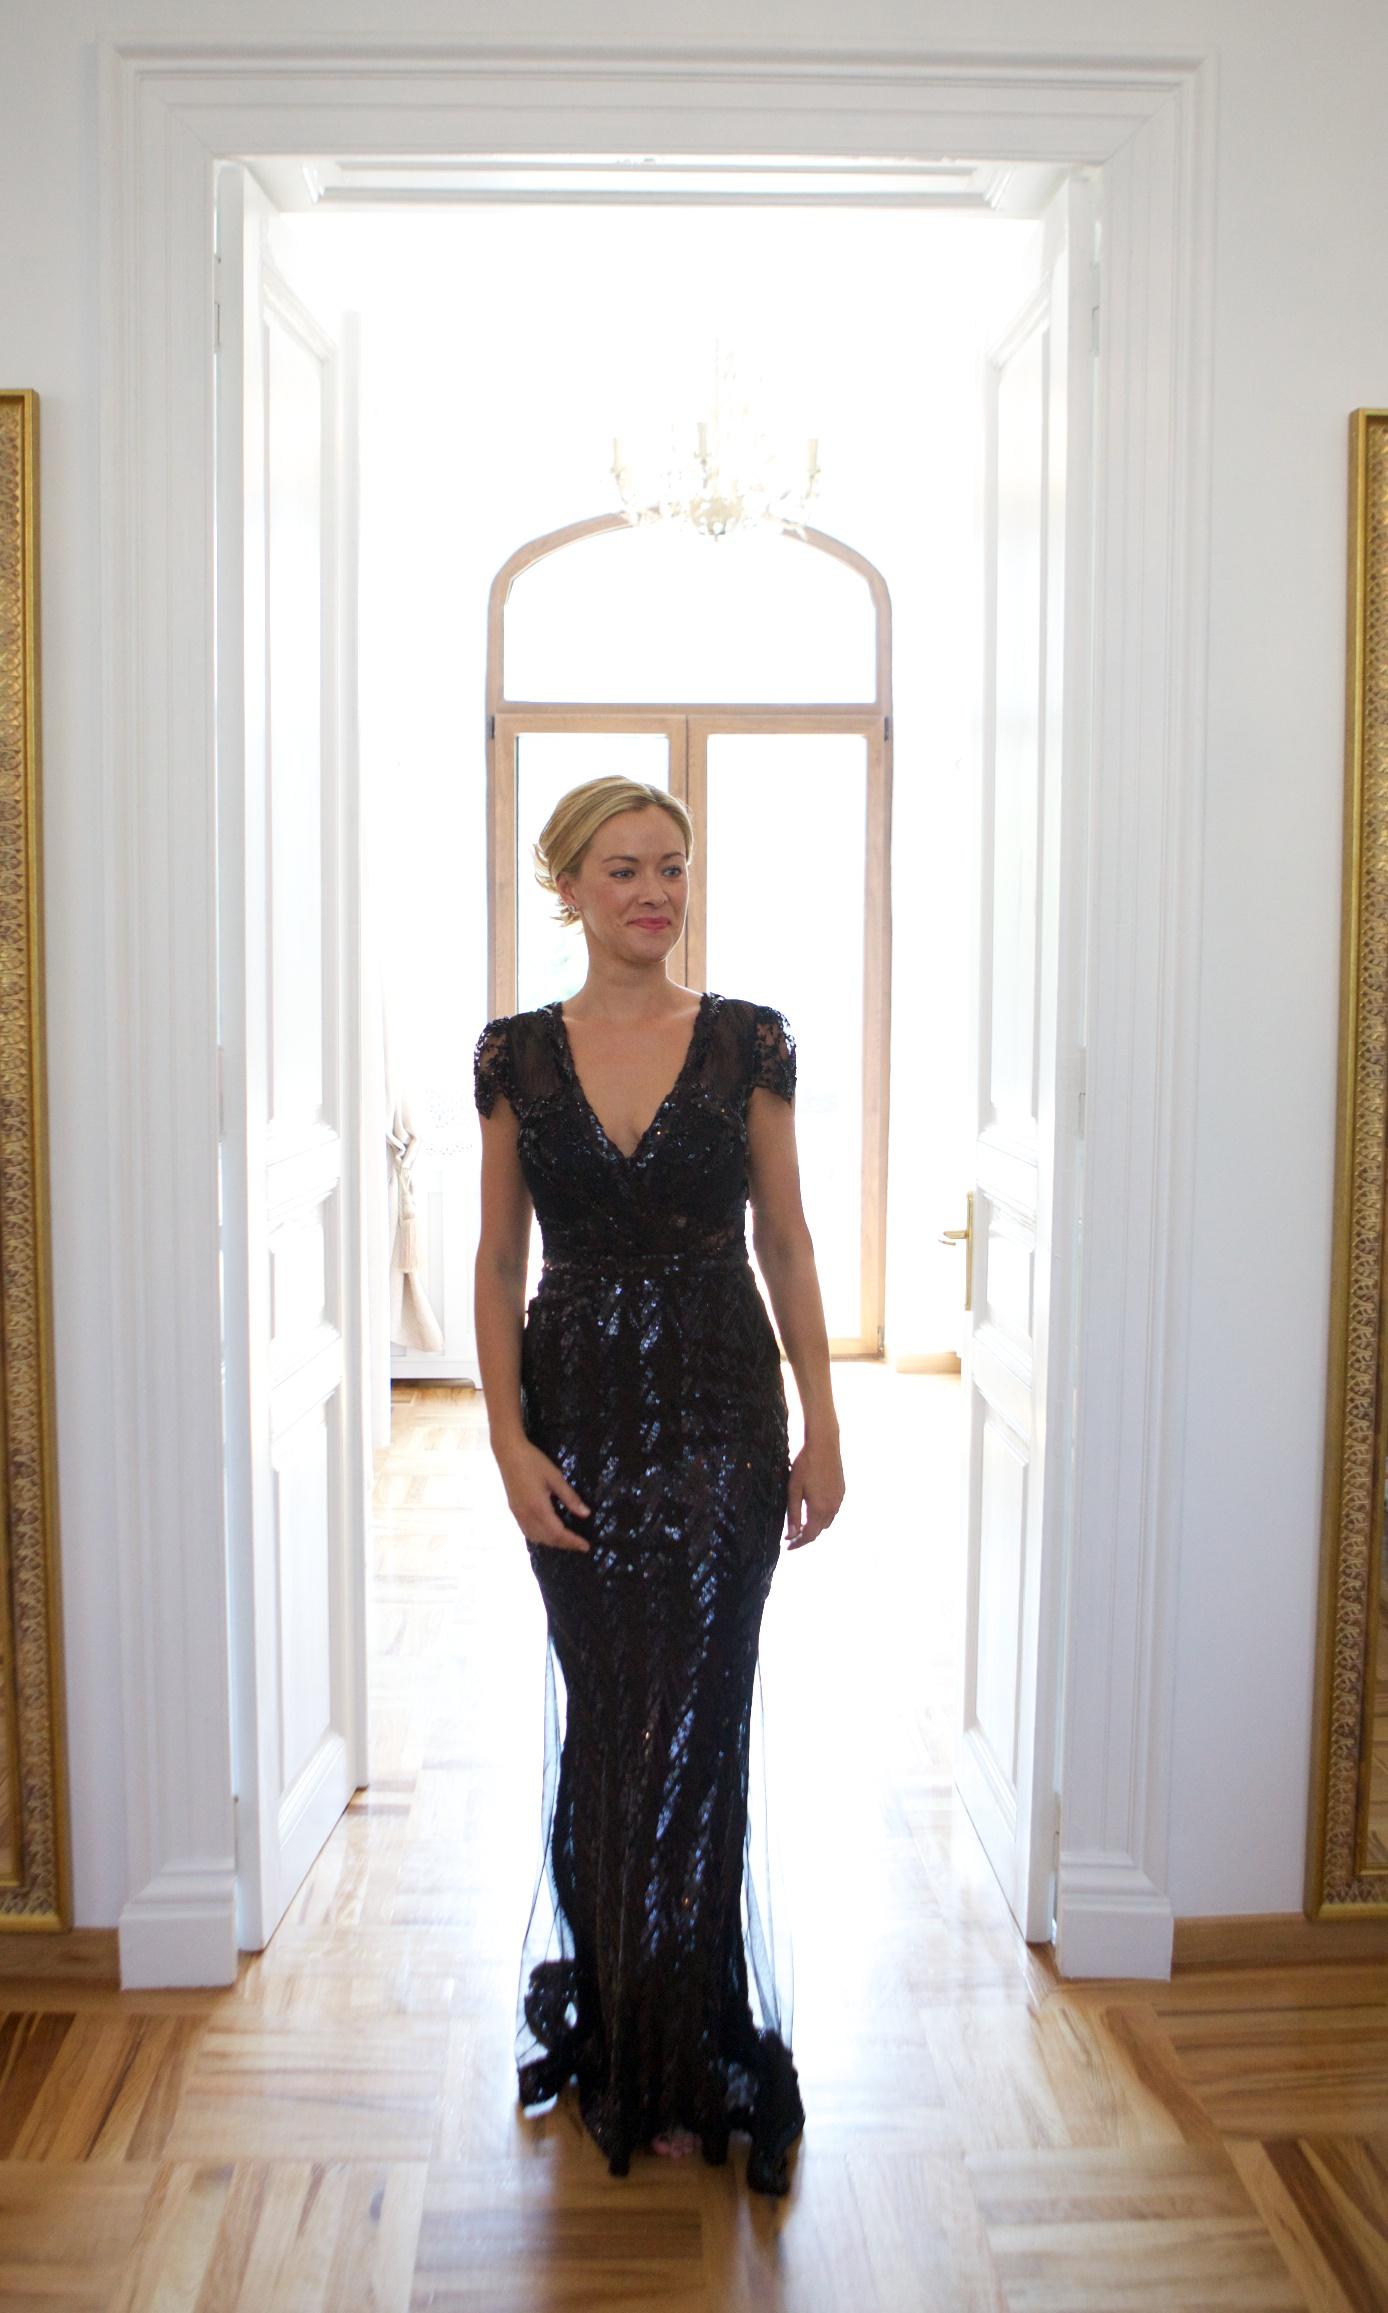 Hollywood Superstar Kristanna Loken